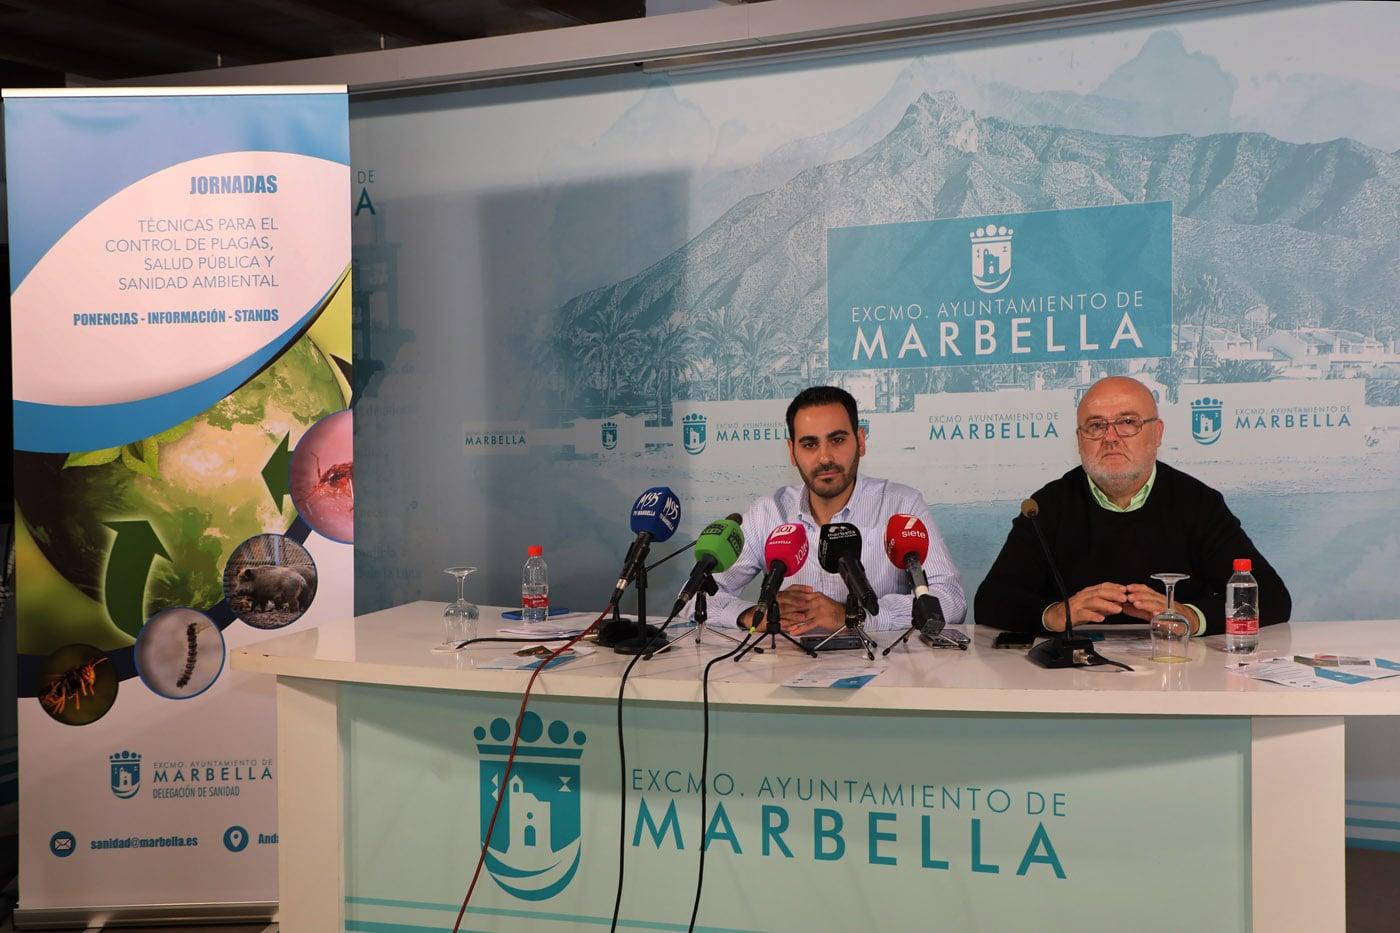 Andalucía Lab acogerá el 19 de marzo cuatro ponencias sobre control de plagas